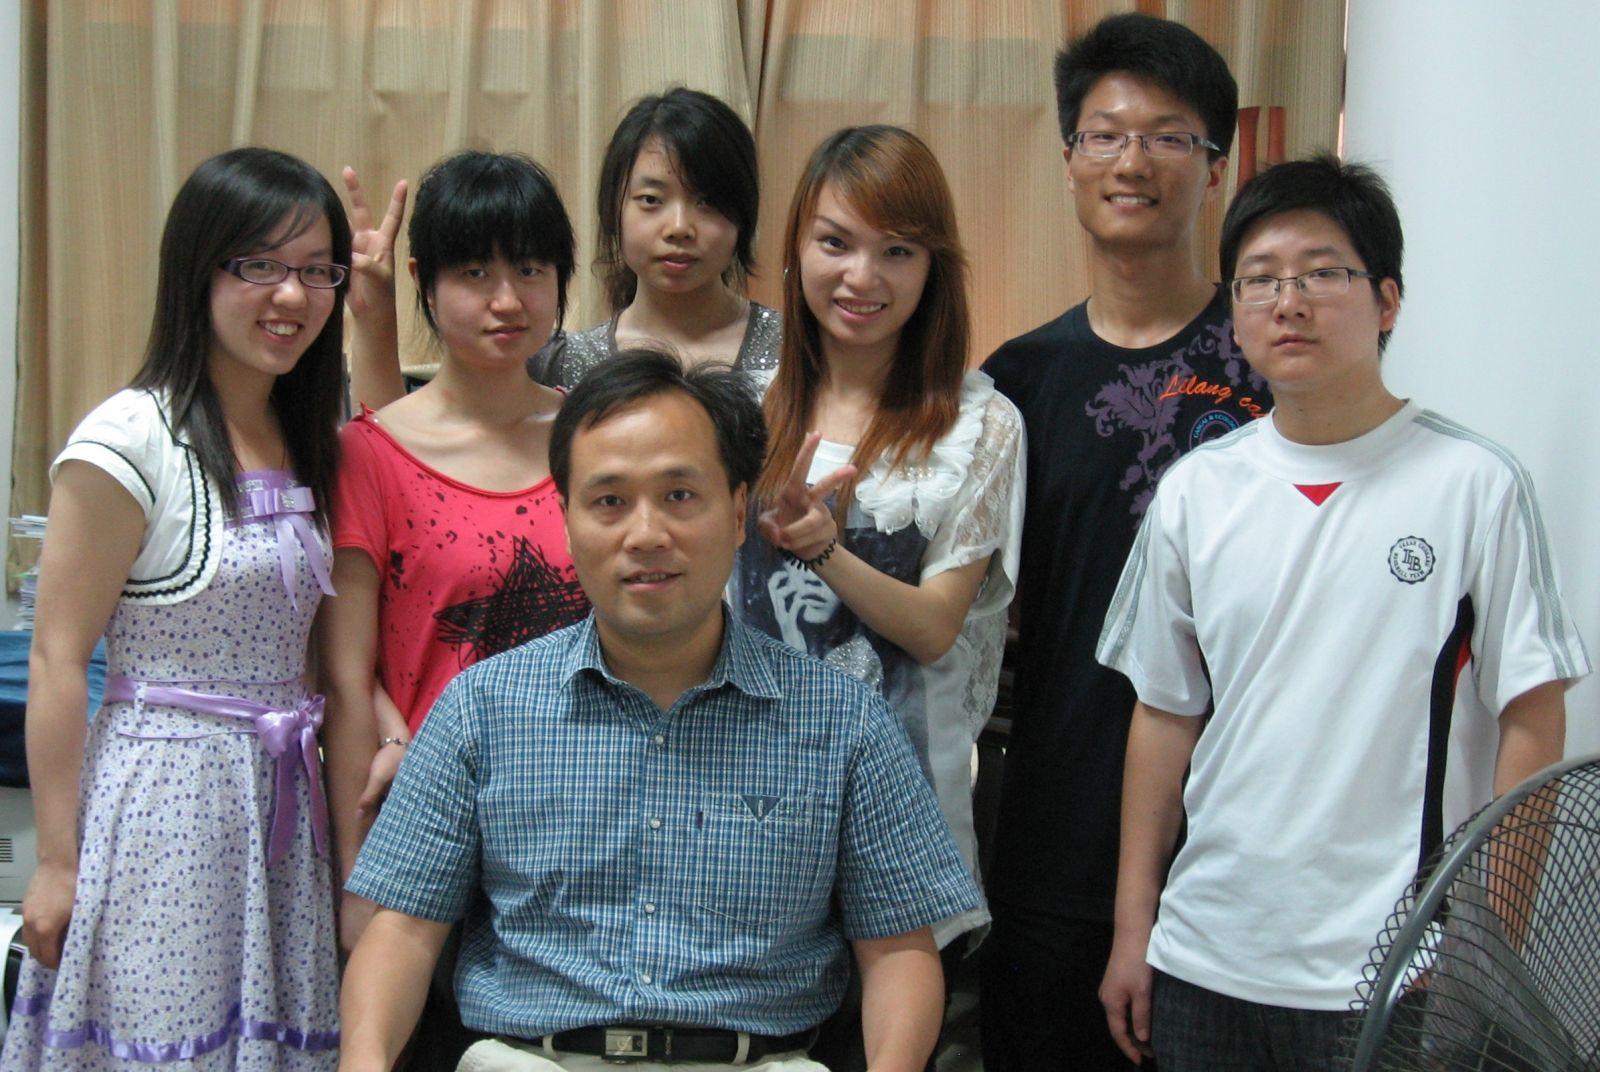 磊鑫科技_文爱军 | 学生照片 | 西安电子科技大学个人主页